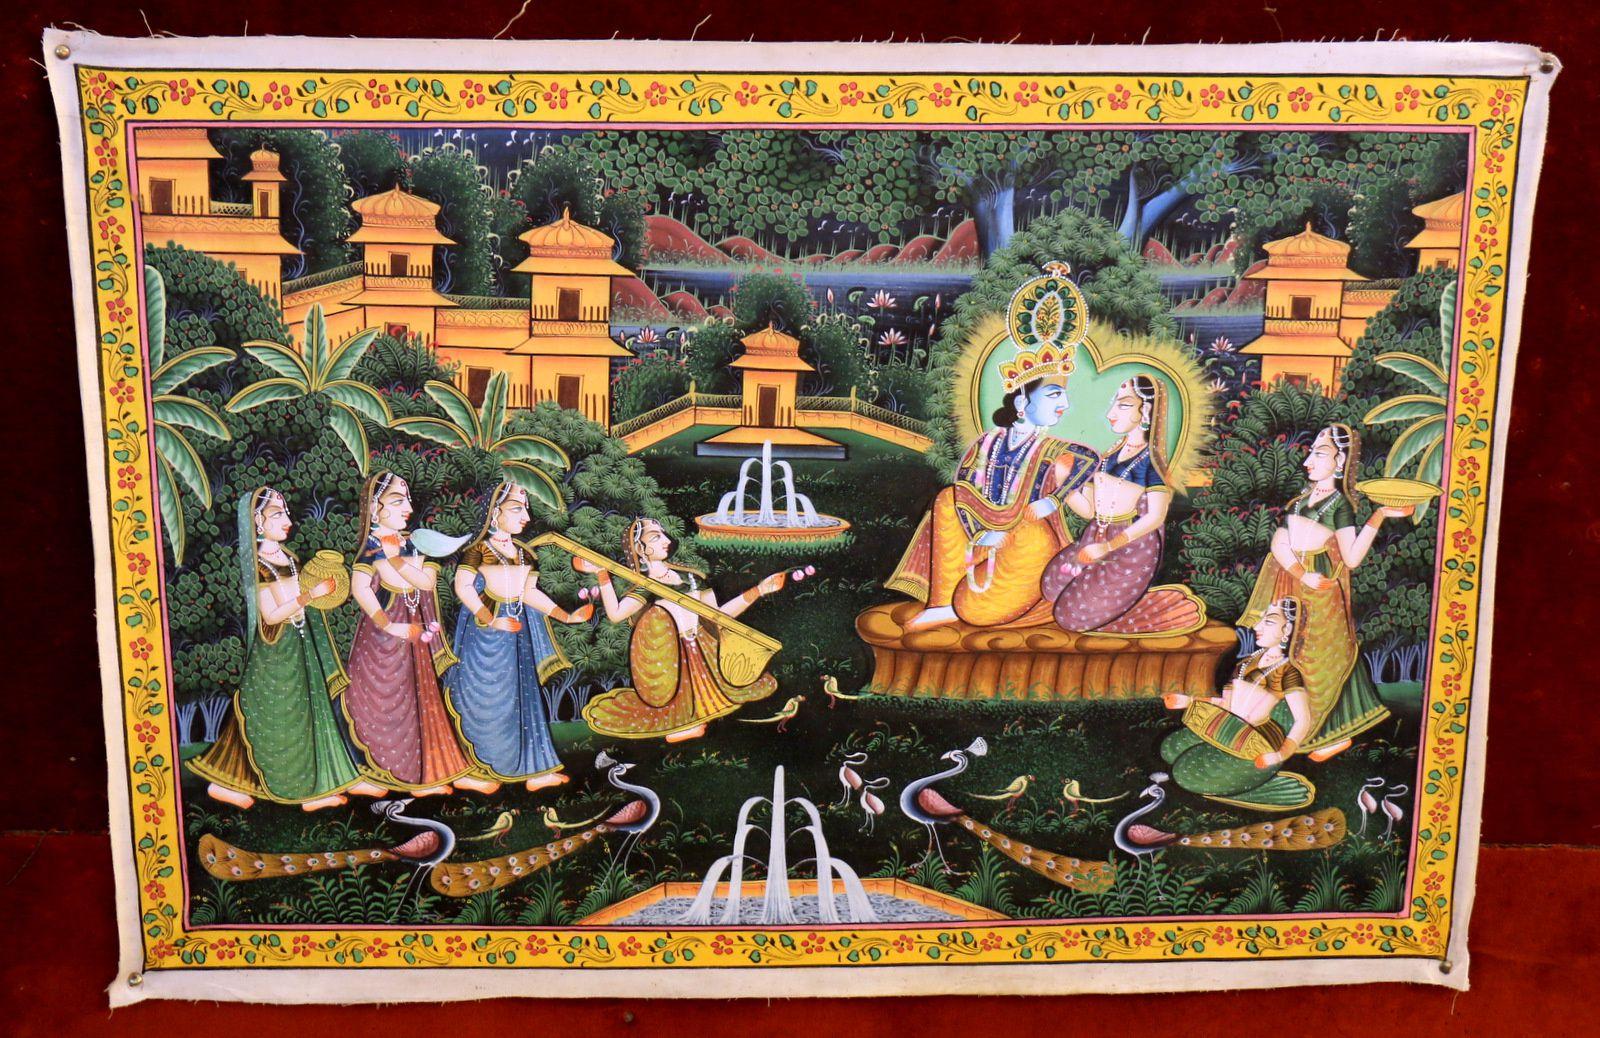 Dessins sur tissus (2/2), hôtel Chandralok (Udaipur, Inde)